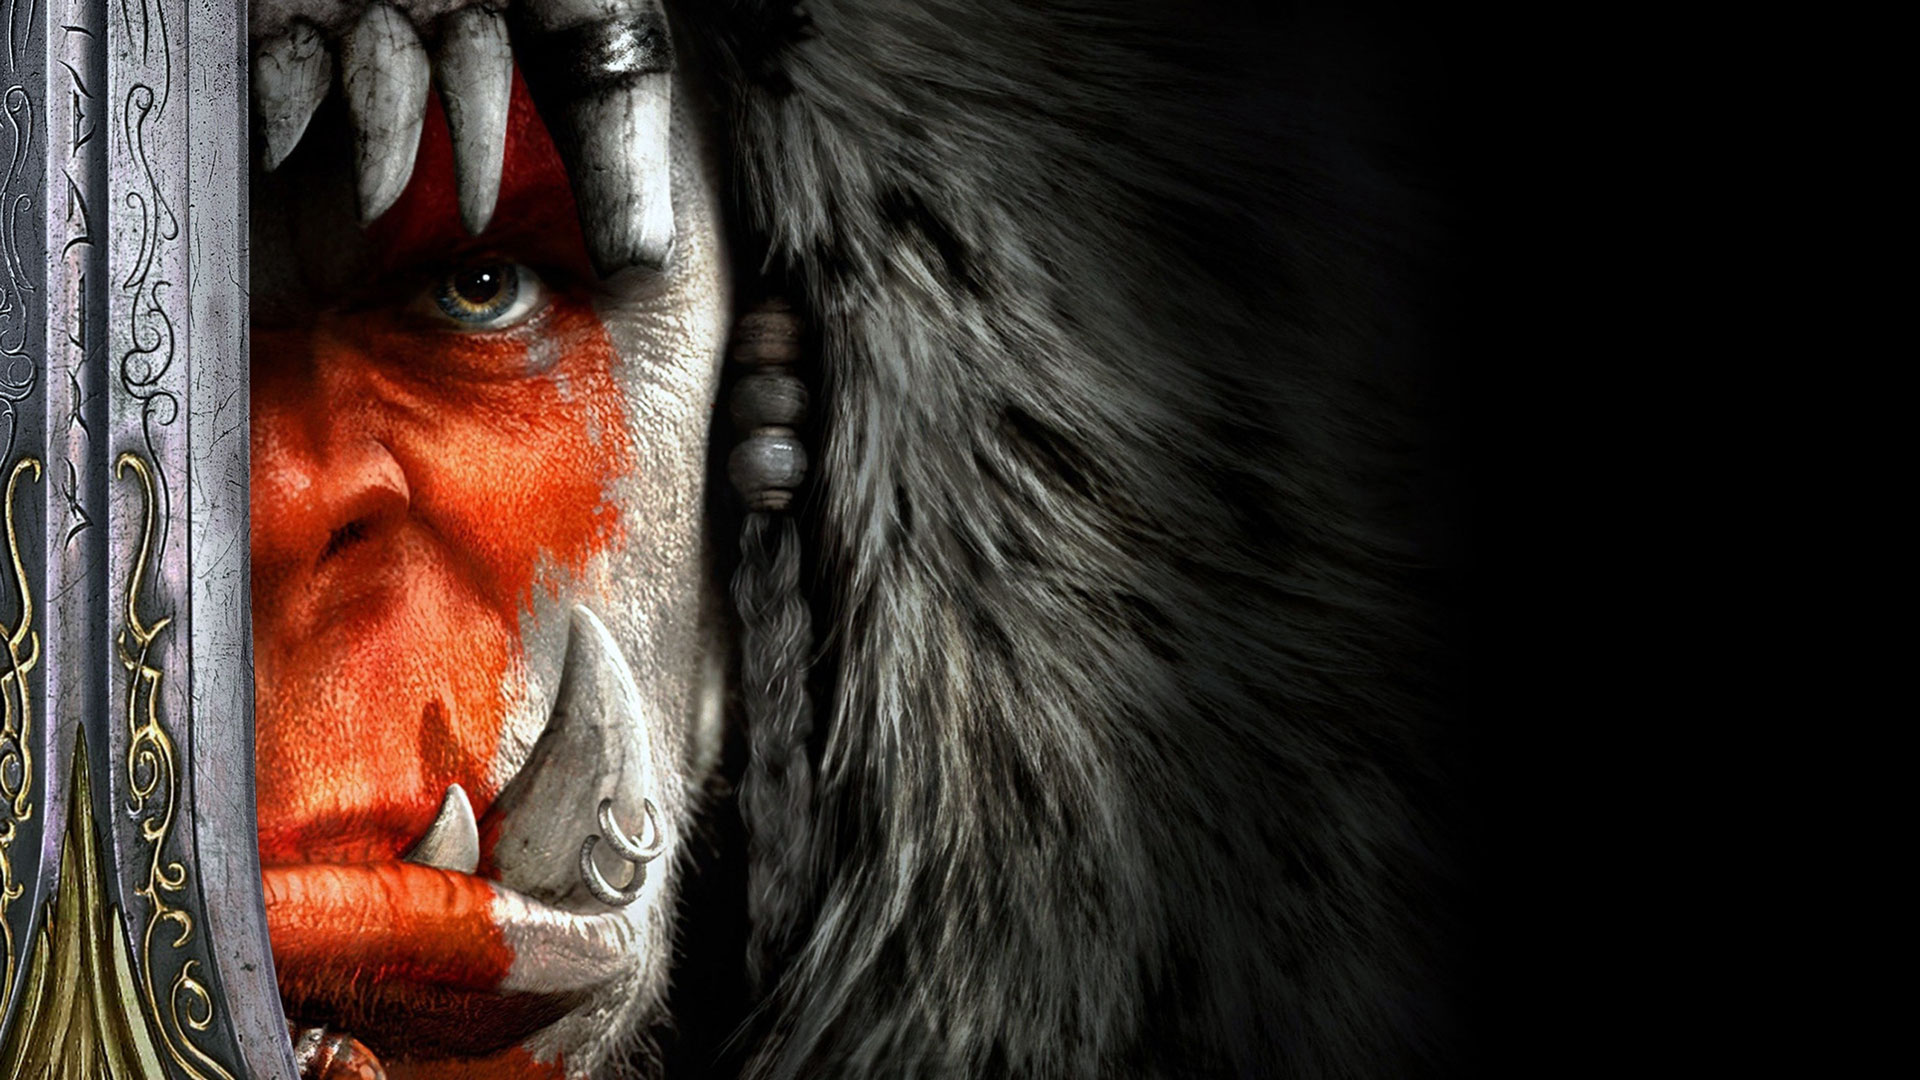 Warcraft Movie Wallpaper 17